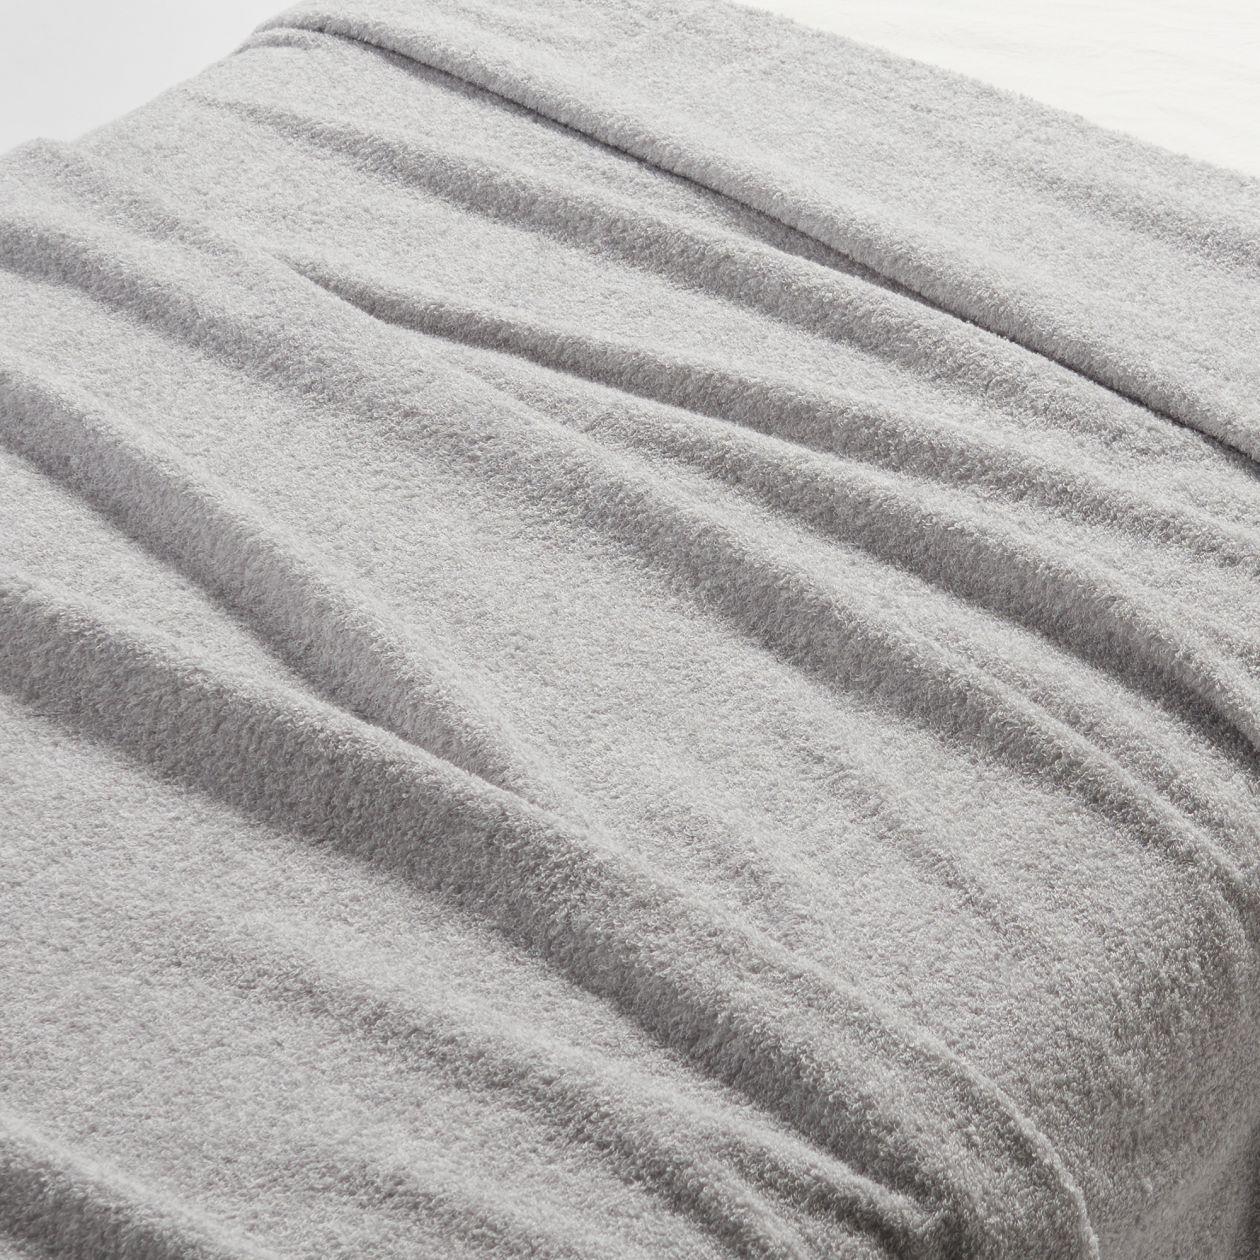 綿パイルタオルケット・S/杢ライトグレーの写真